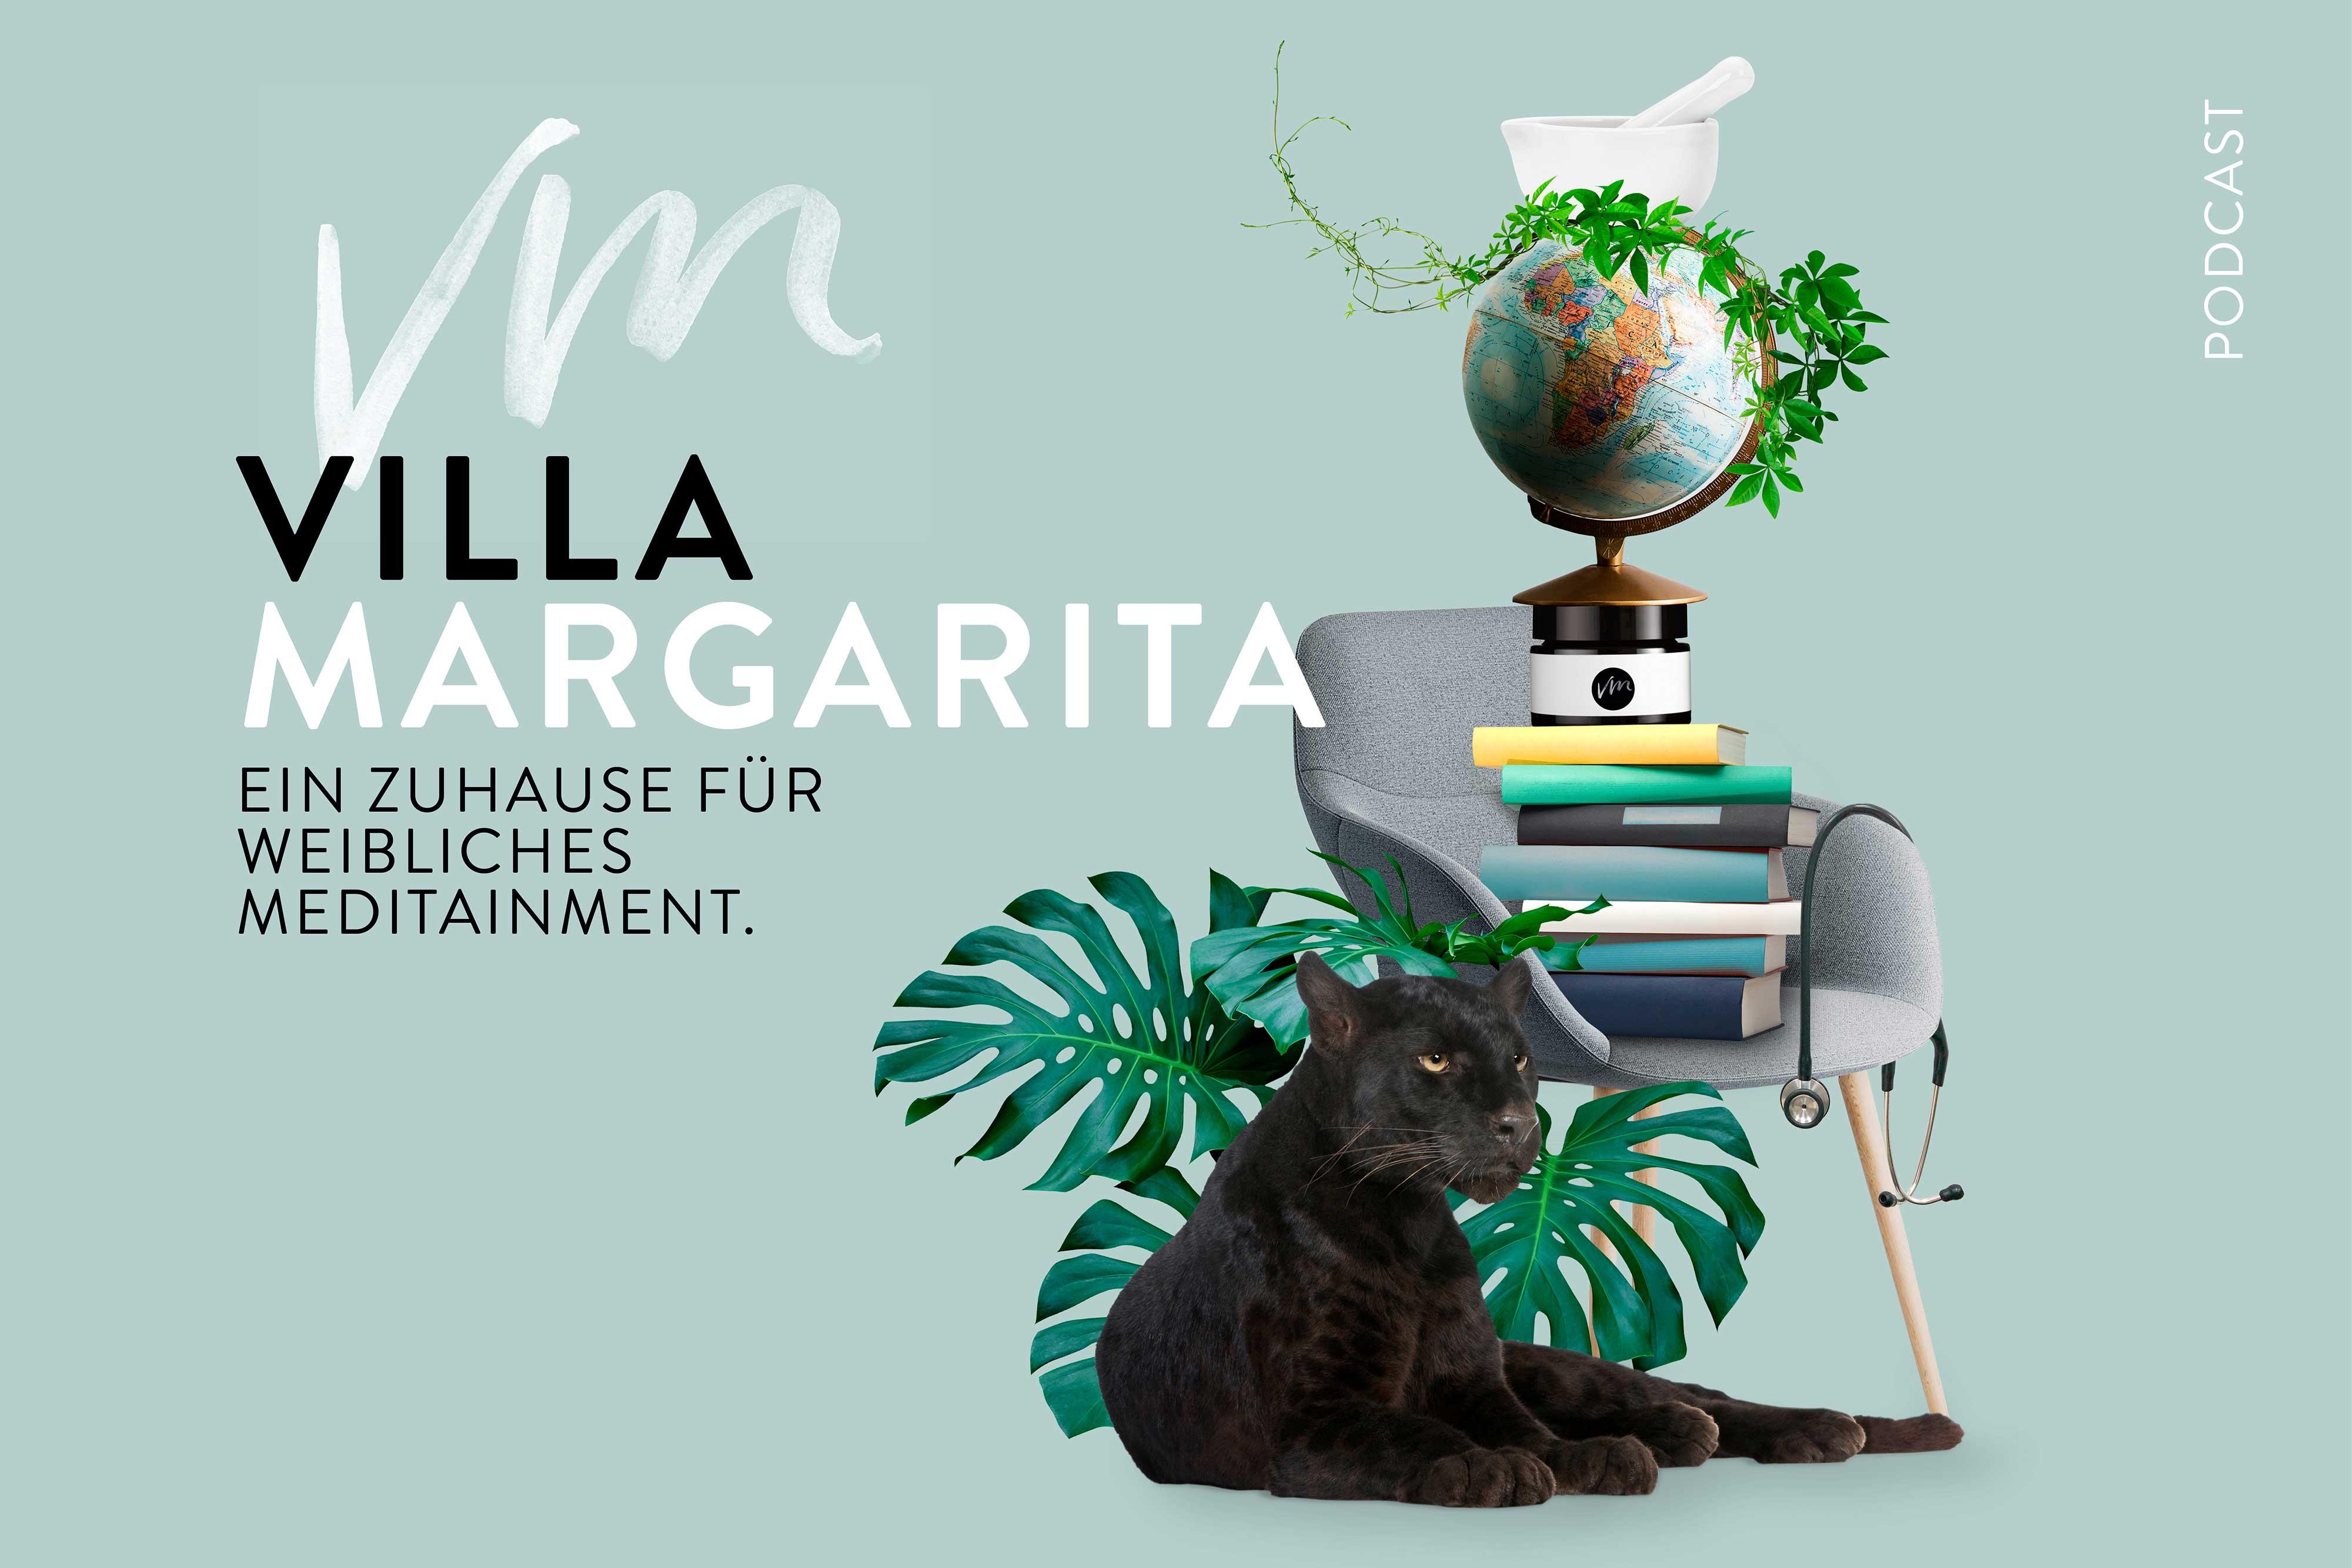 Villa Margarita - ein Zuhause für weibliches Meditainment